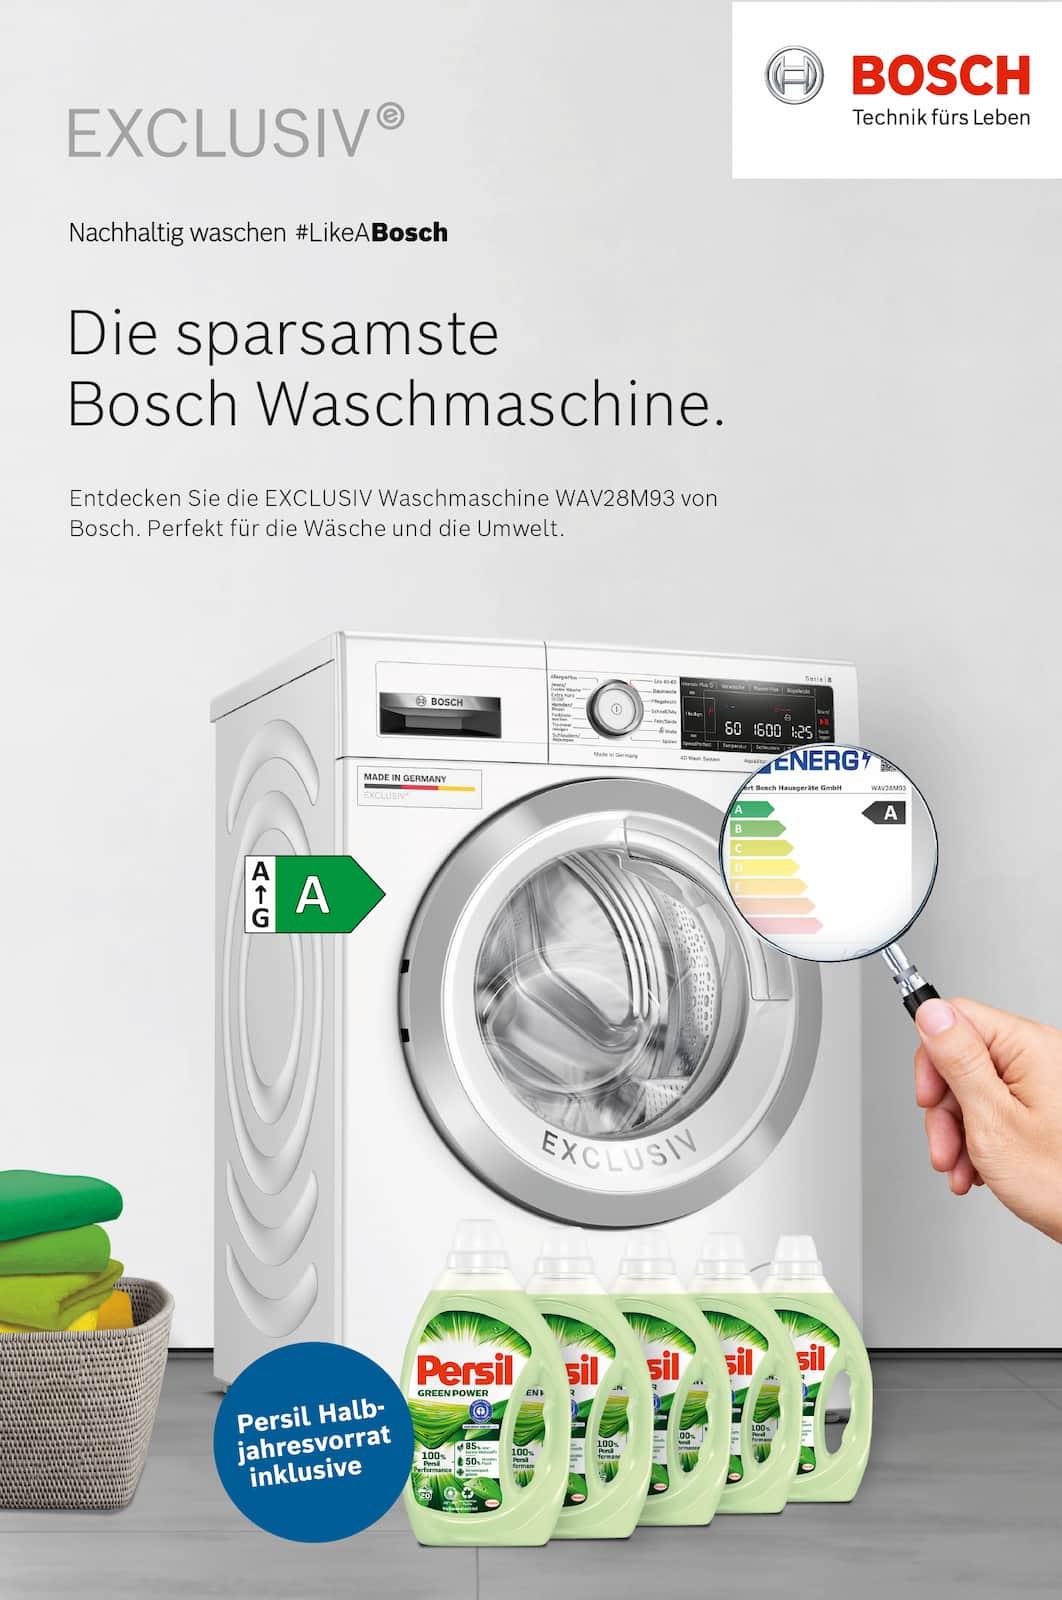 Neues Energielabel, neue Bosch Waschmaschine plus Waschmittel.